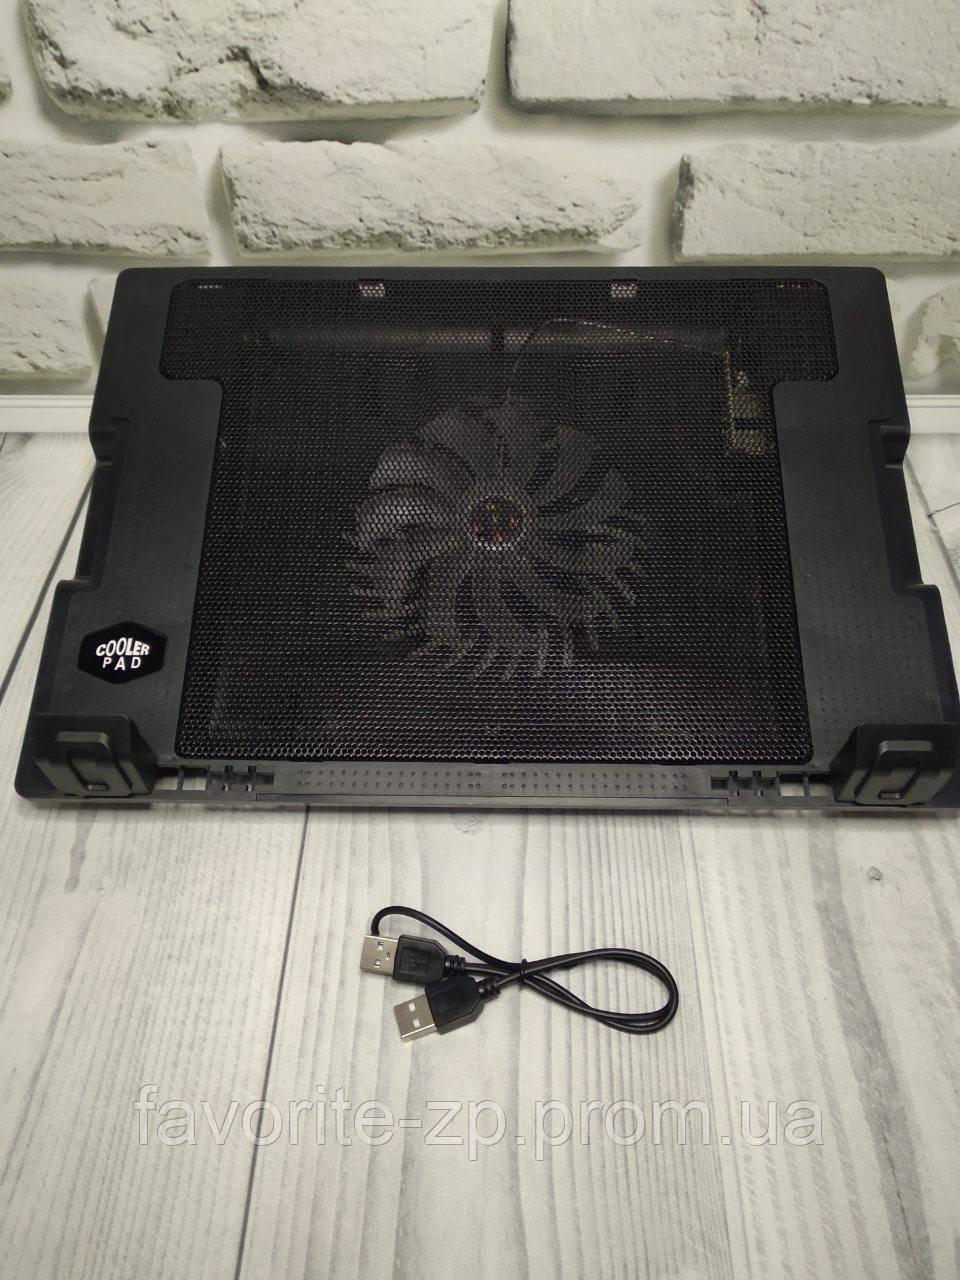 Подставка для ноутбука с кулером CoolerPad, охлаждающая подставка